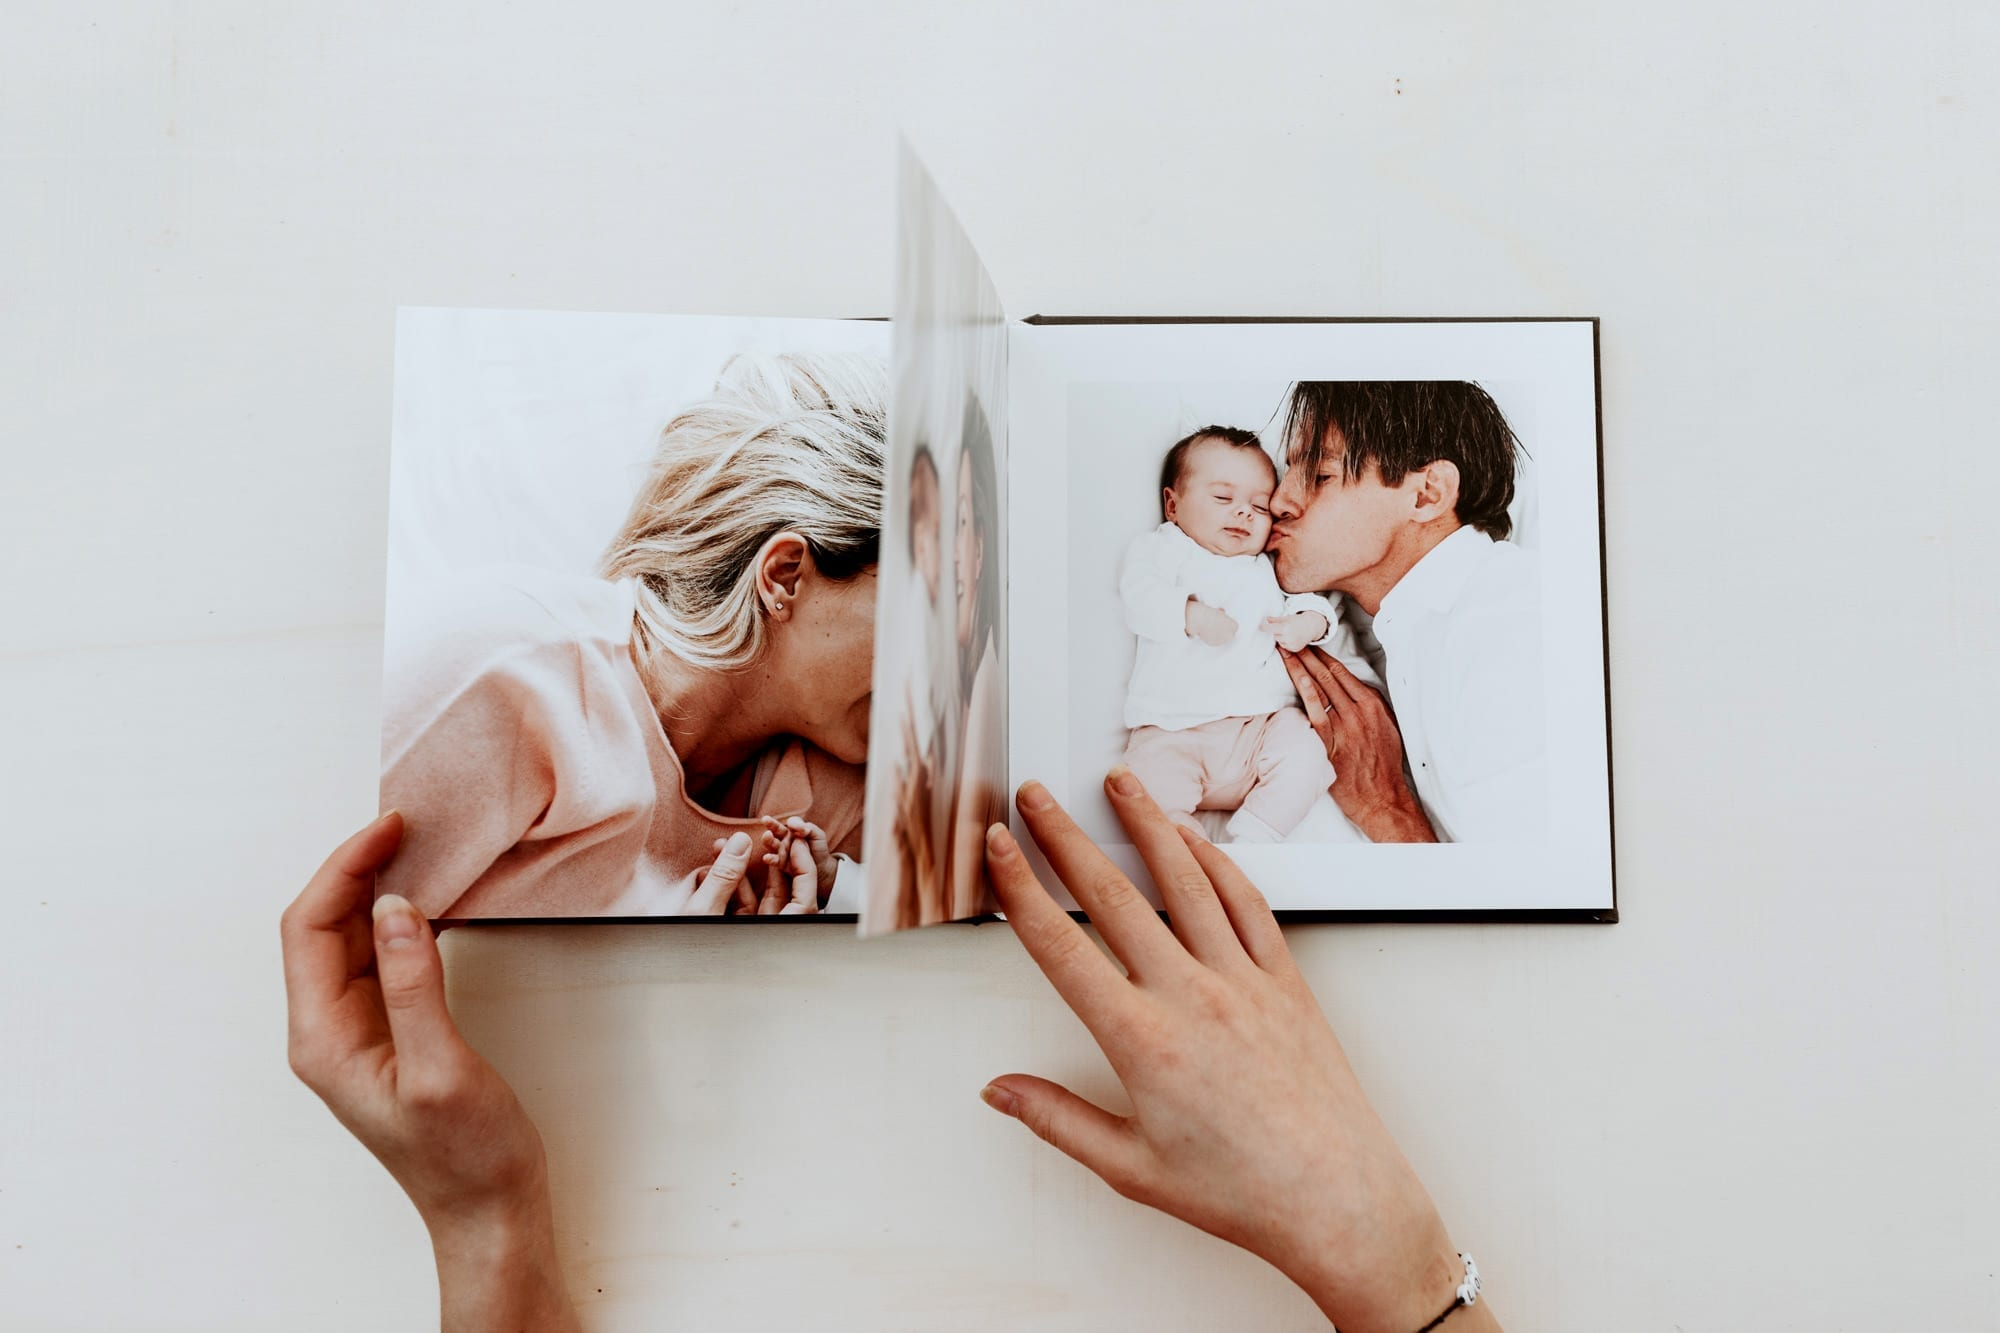 iemand bladdered in een professionele fotoalbum met familiefotos